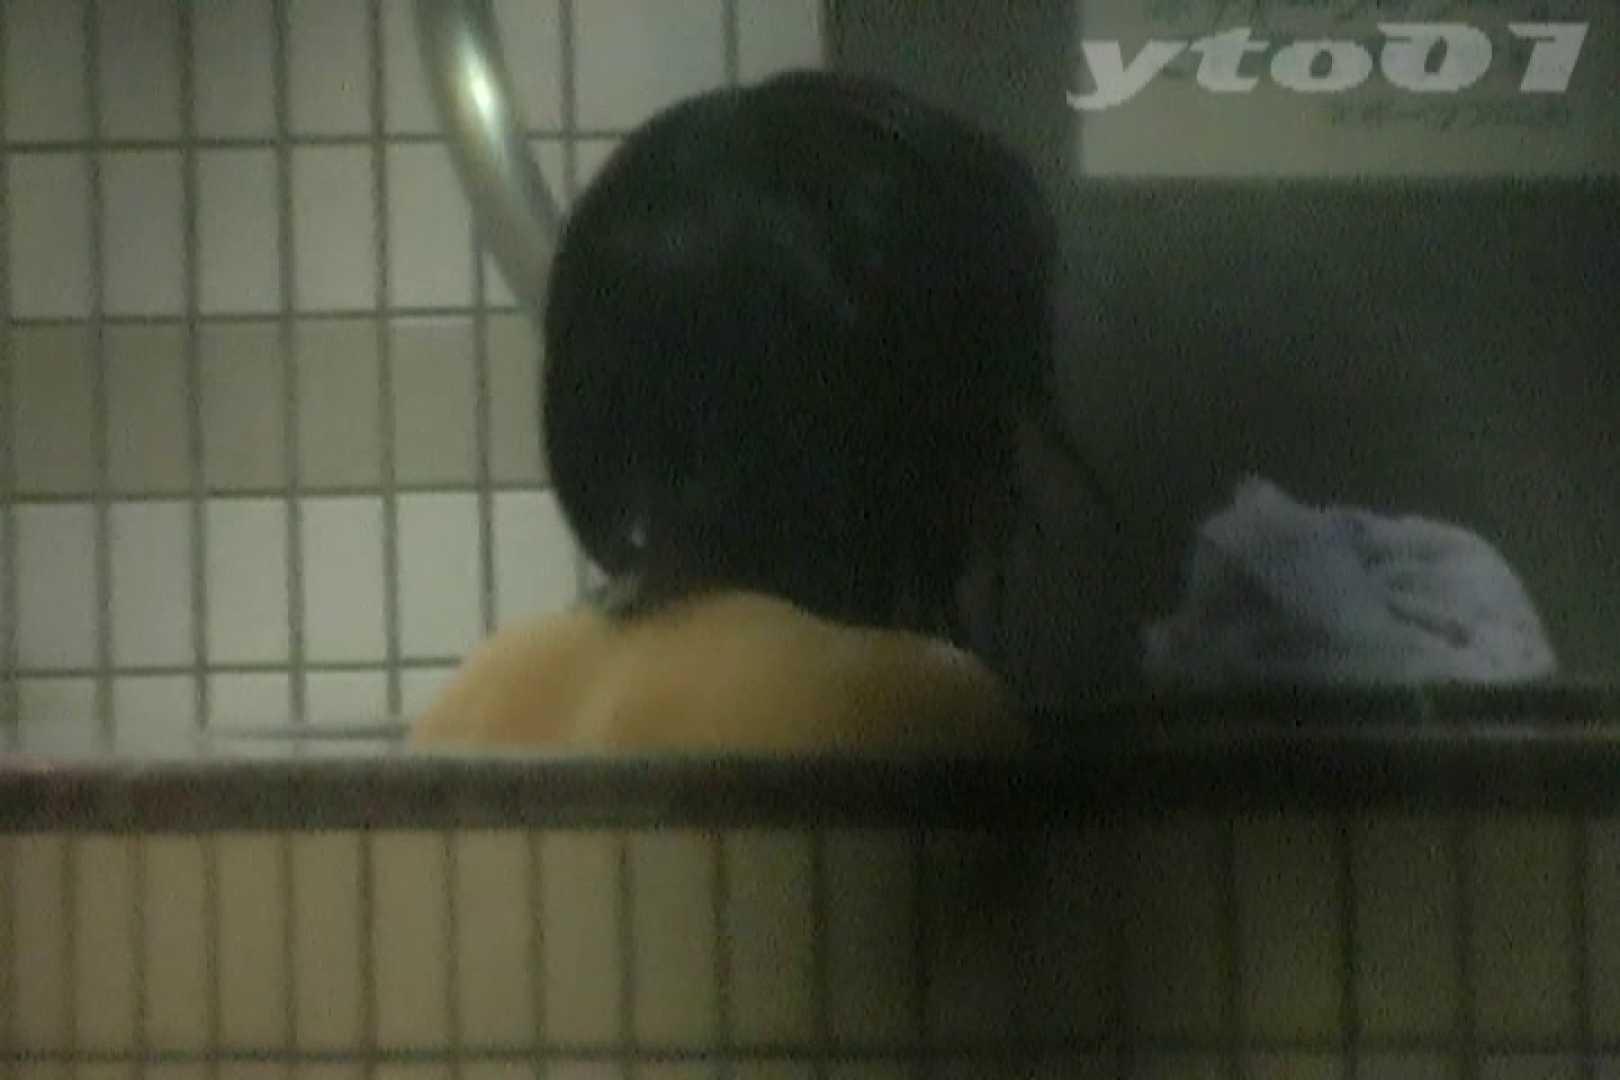 ▲復活限定▲合宿ホテル女風呂盗撮 Vol.04 期間限定 オメコ動画キャプチャ 99PIX 52